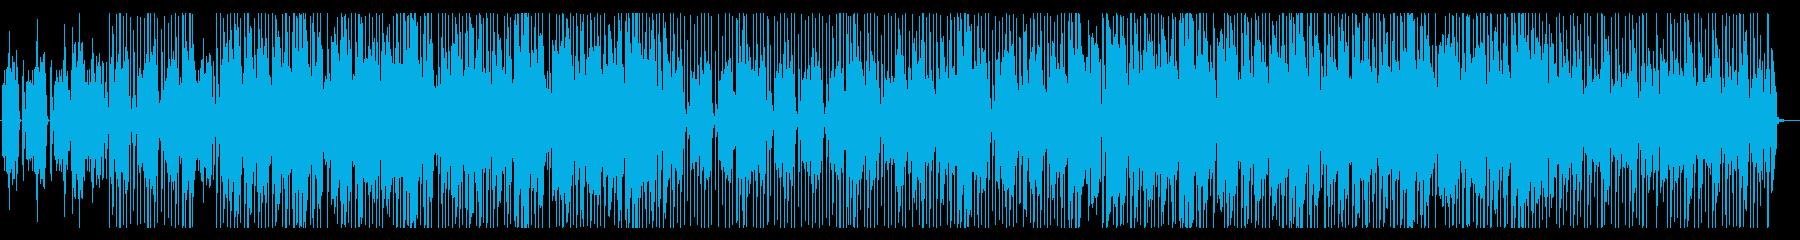 趣味 動物 コミカルなエレピのポップスの再生済みの波形